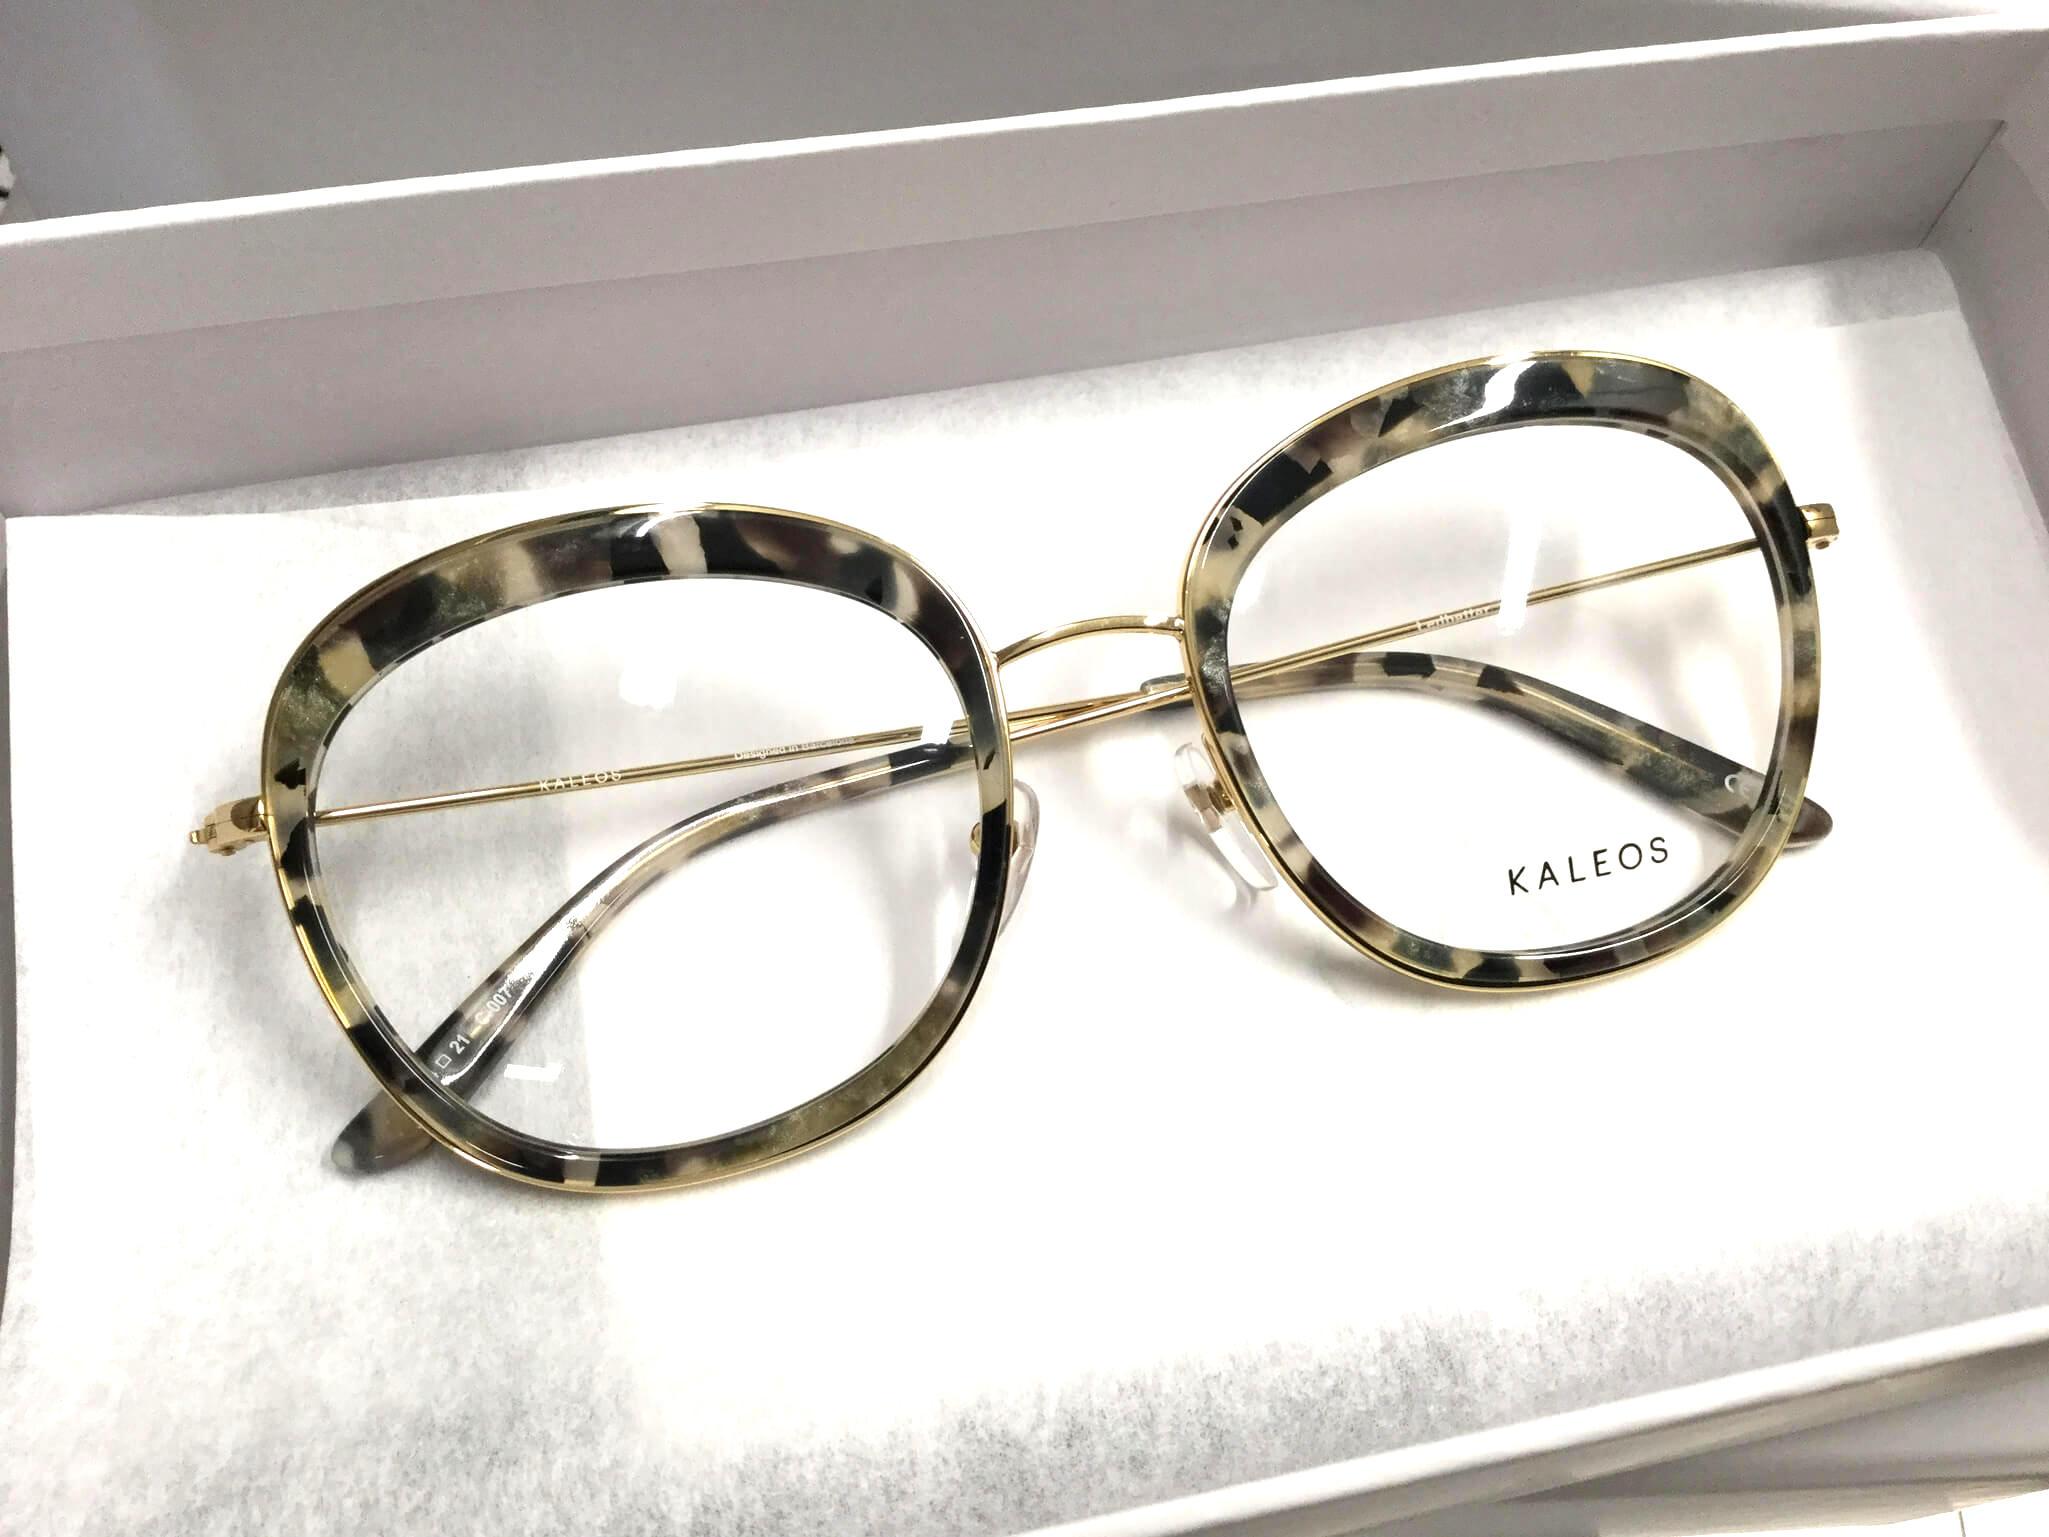 Brille von Kaleos-Eyehunters - neue Kollektion bei Optik Westermeier